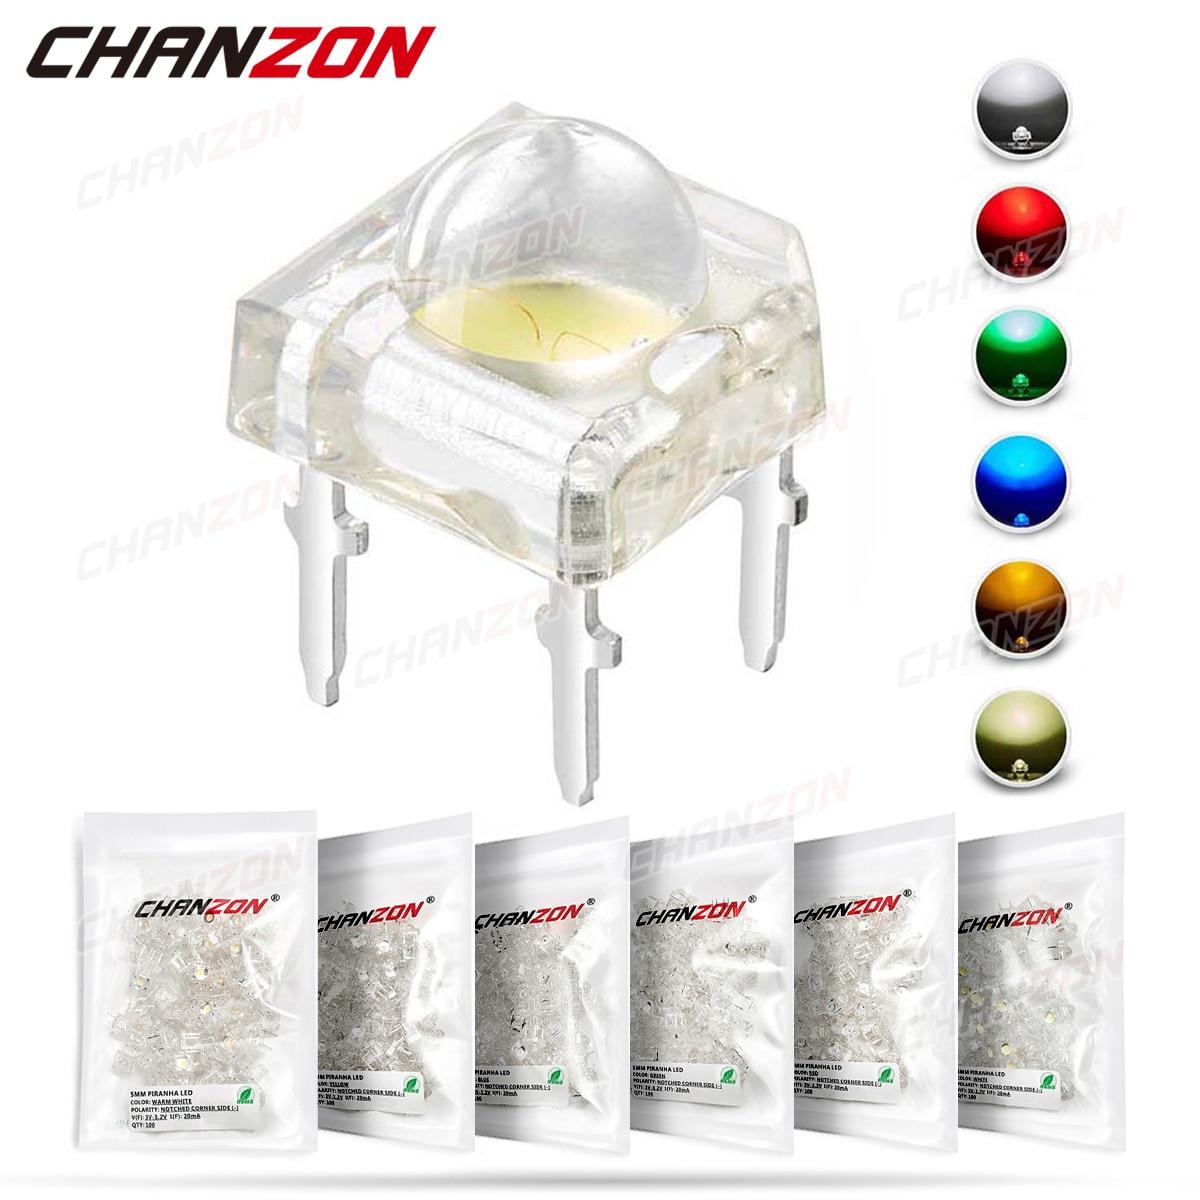 100 шт. 5 мм светодиодный светильник Piranha светодиод лампа теплый белый красный зеленый синий желтый яркий цвет 3 В индикатор DIY DIP PCB схема